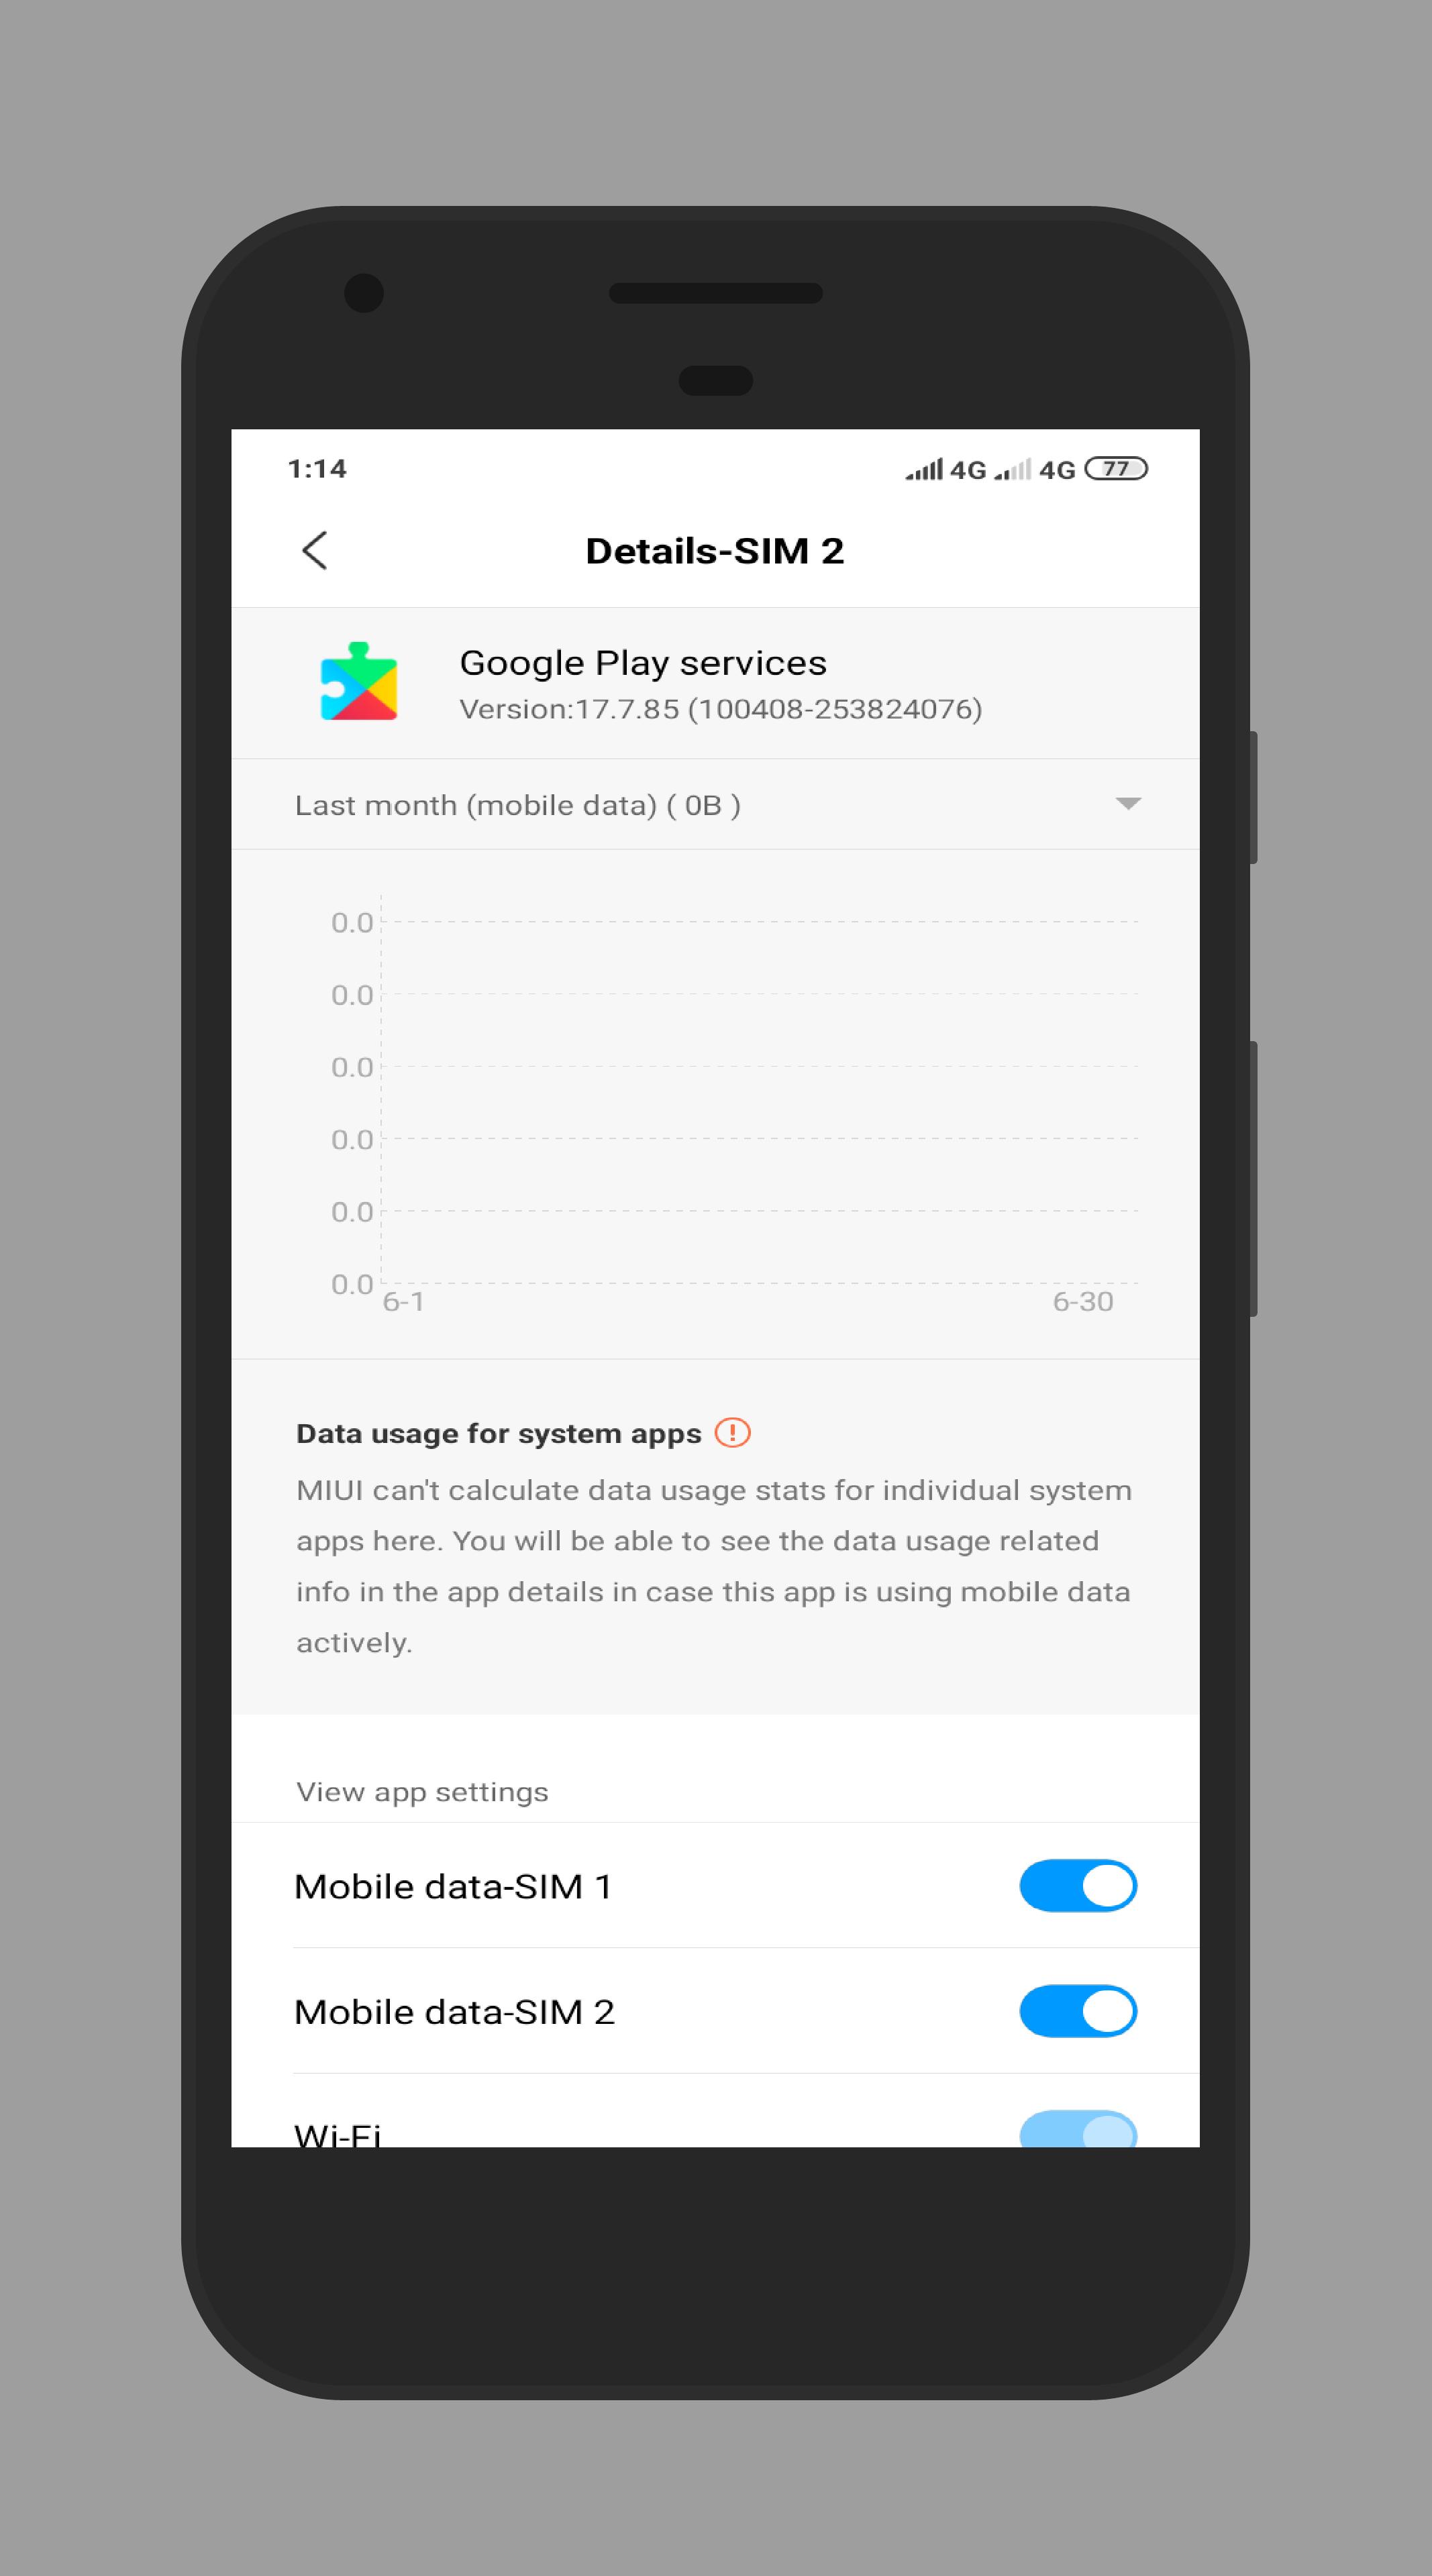 تحميل خدمات جوجل بلاي APK  لـ اندرويد [الاصدار الجديد]